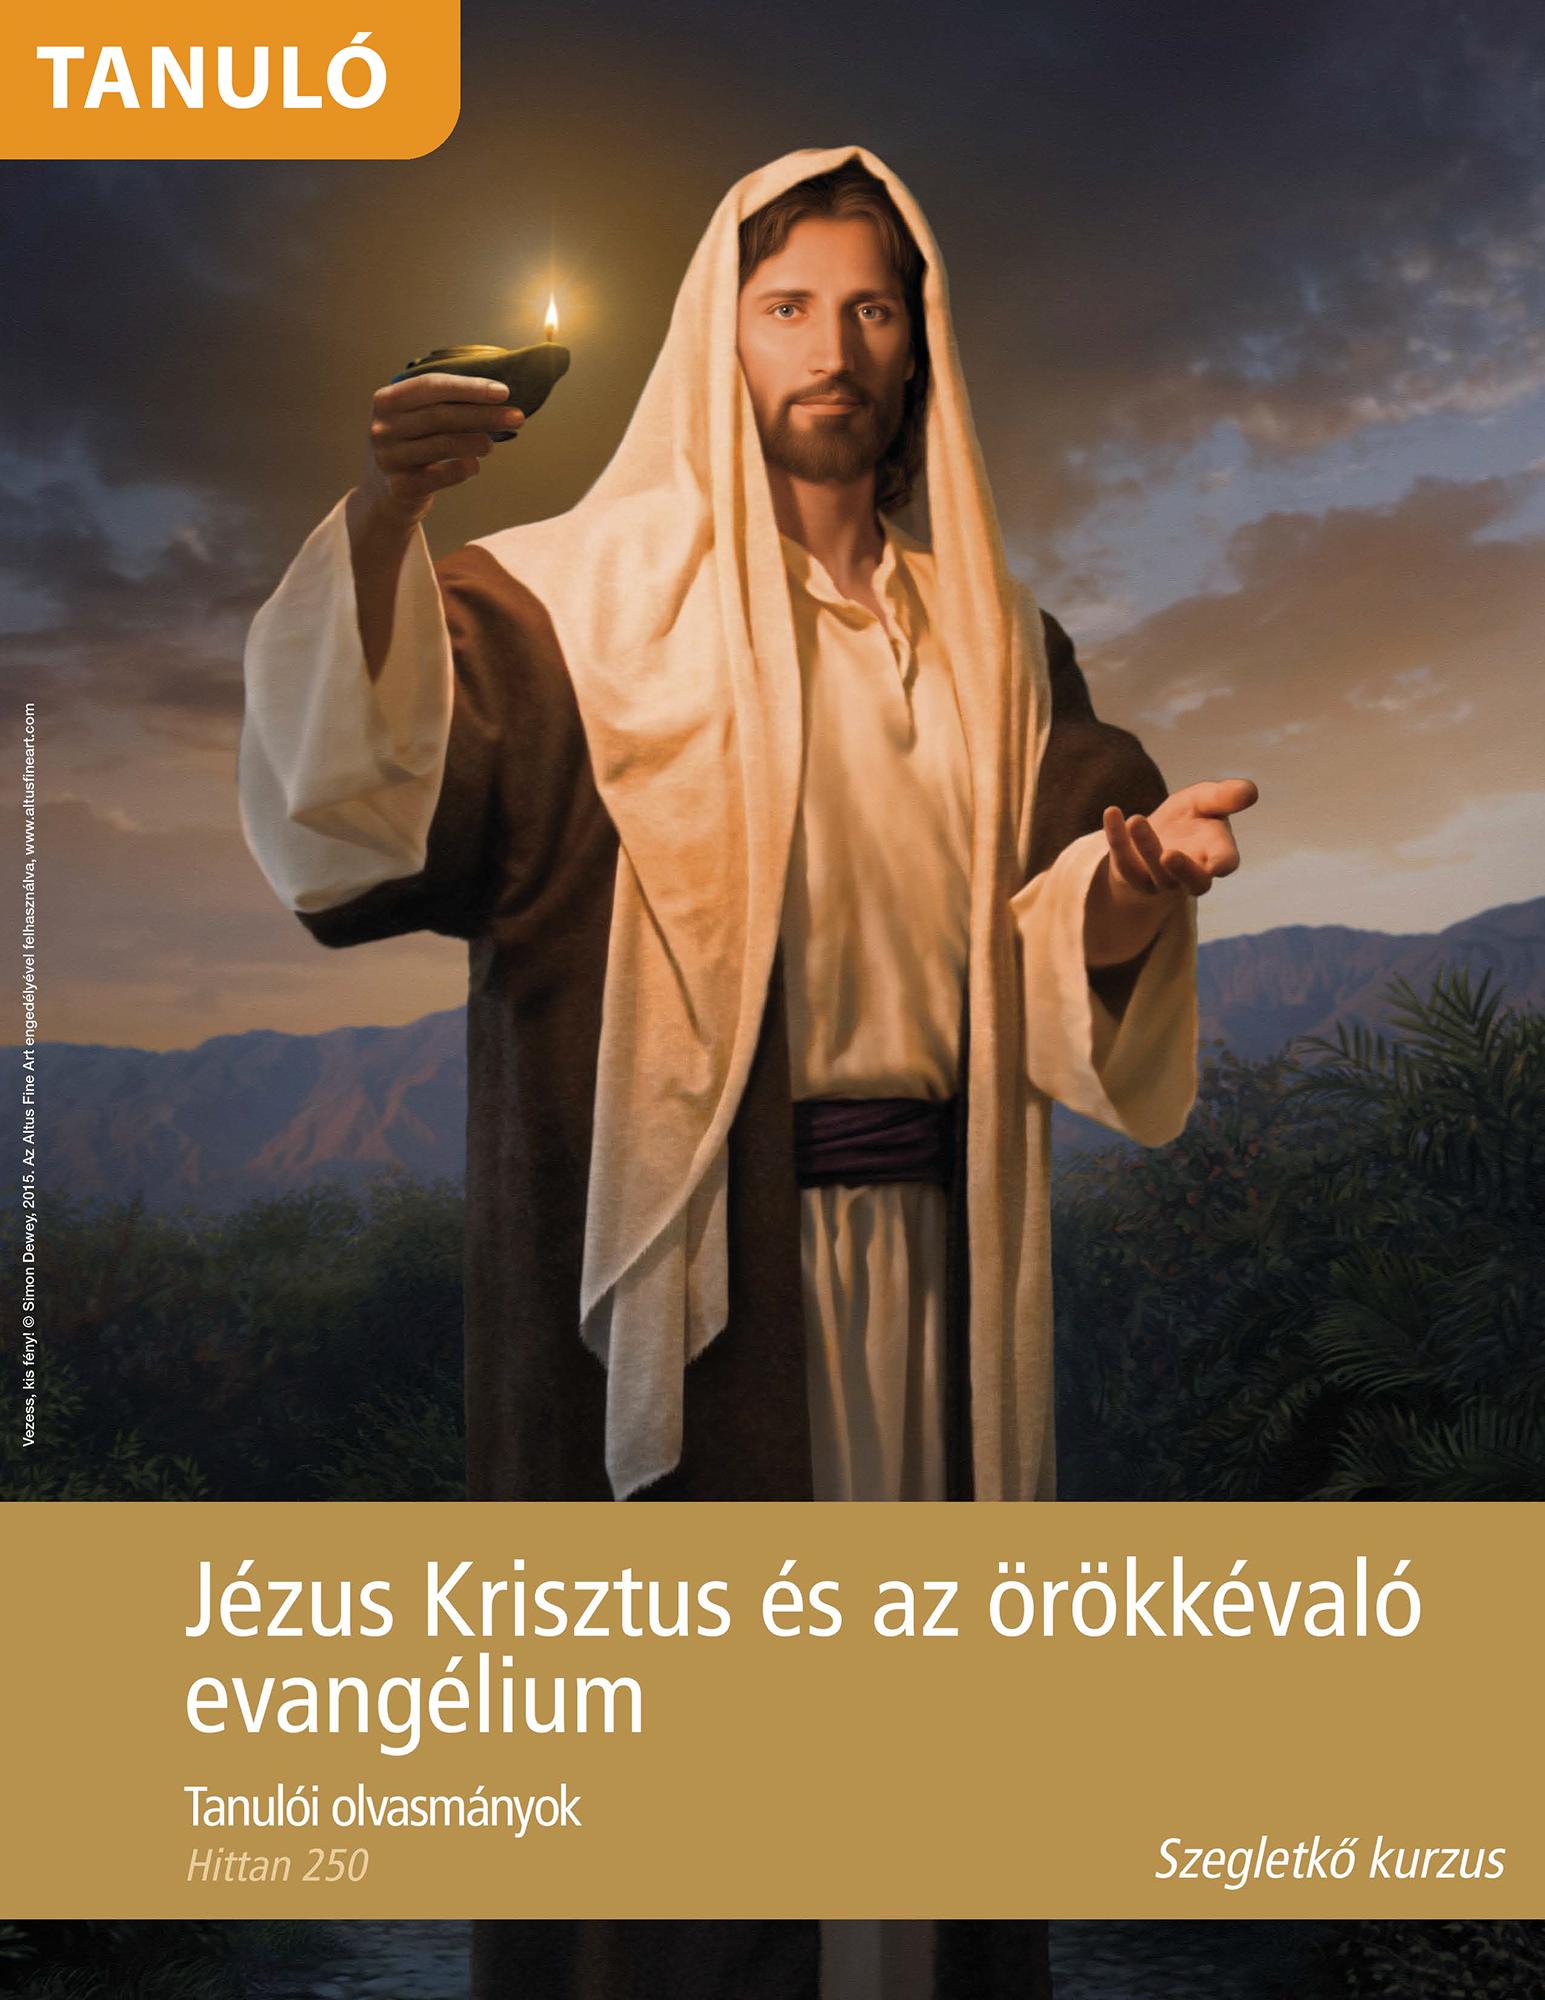 Jézus Krisztus és az örökkévaló evangélium tanulói olvasmányok (Hittan 250)